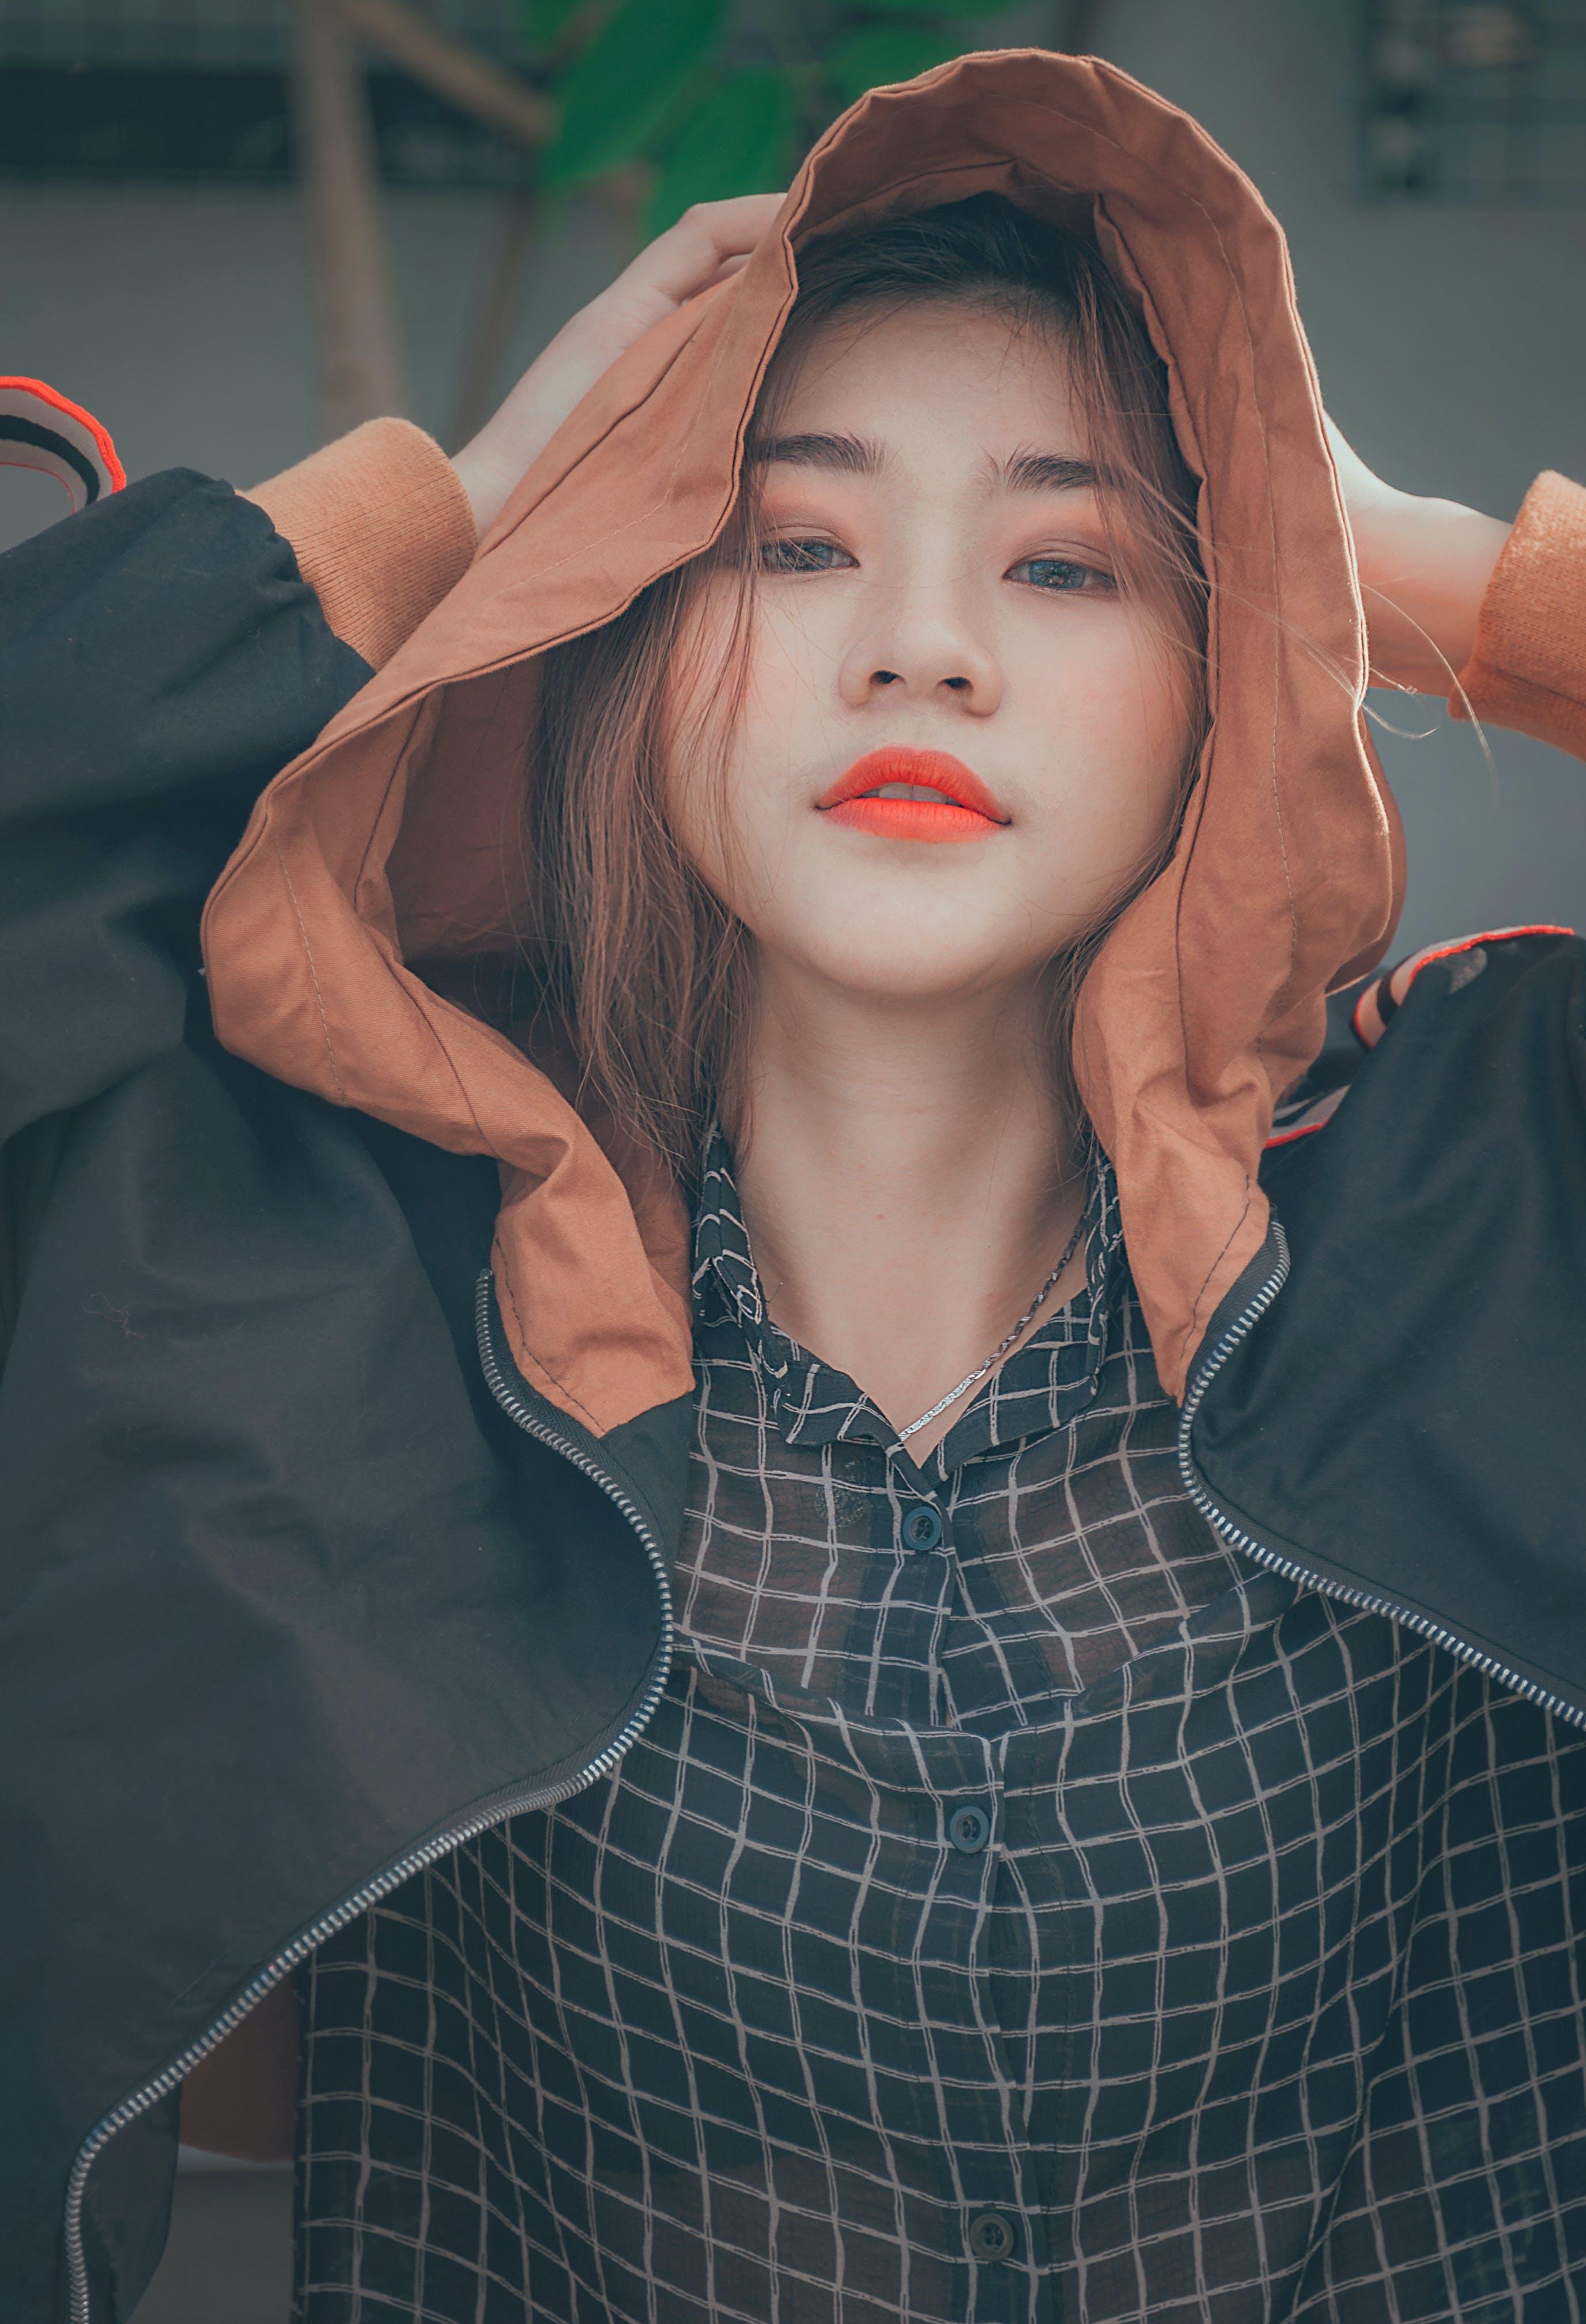 Woman Wearing Brown and Black Hoodie Jacket